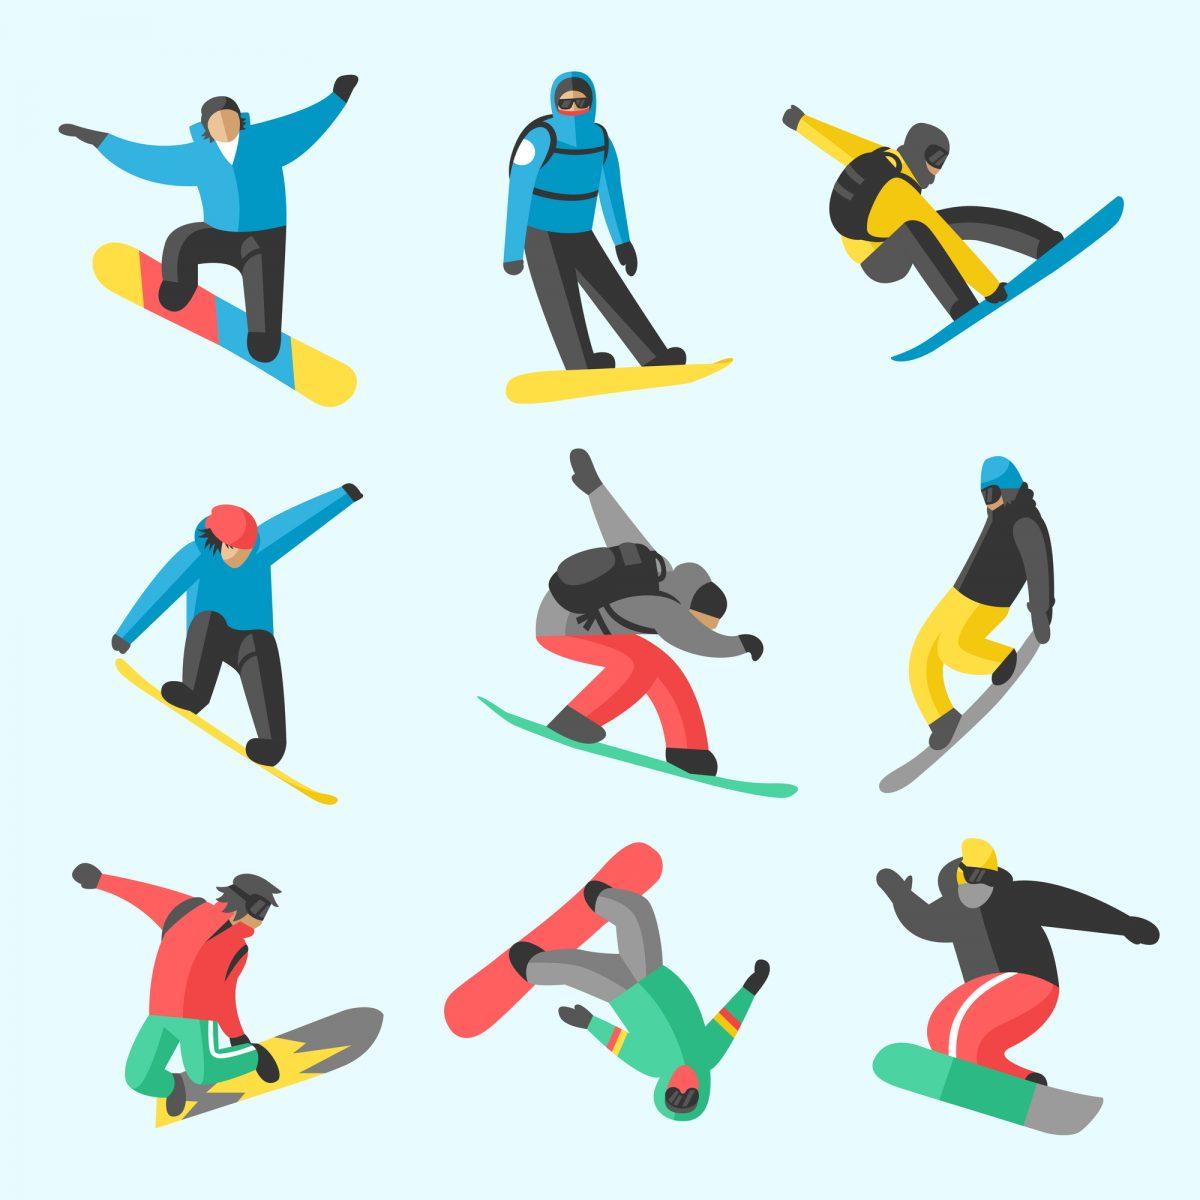 スノーボードの楽しみ方!滑り方のジャンルとパーク内のマナーについて♪